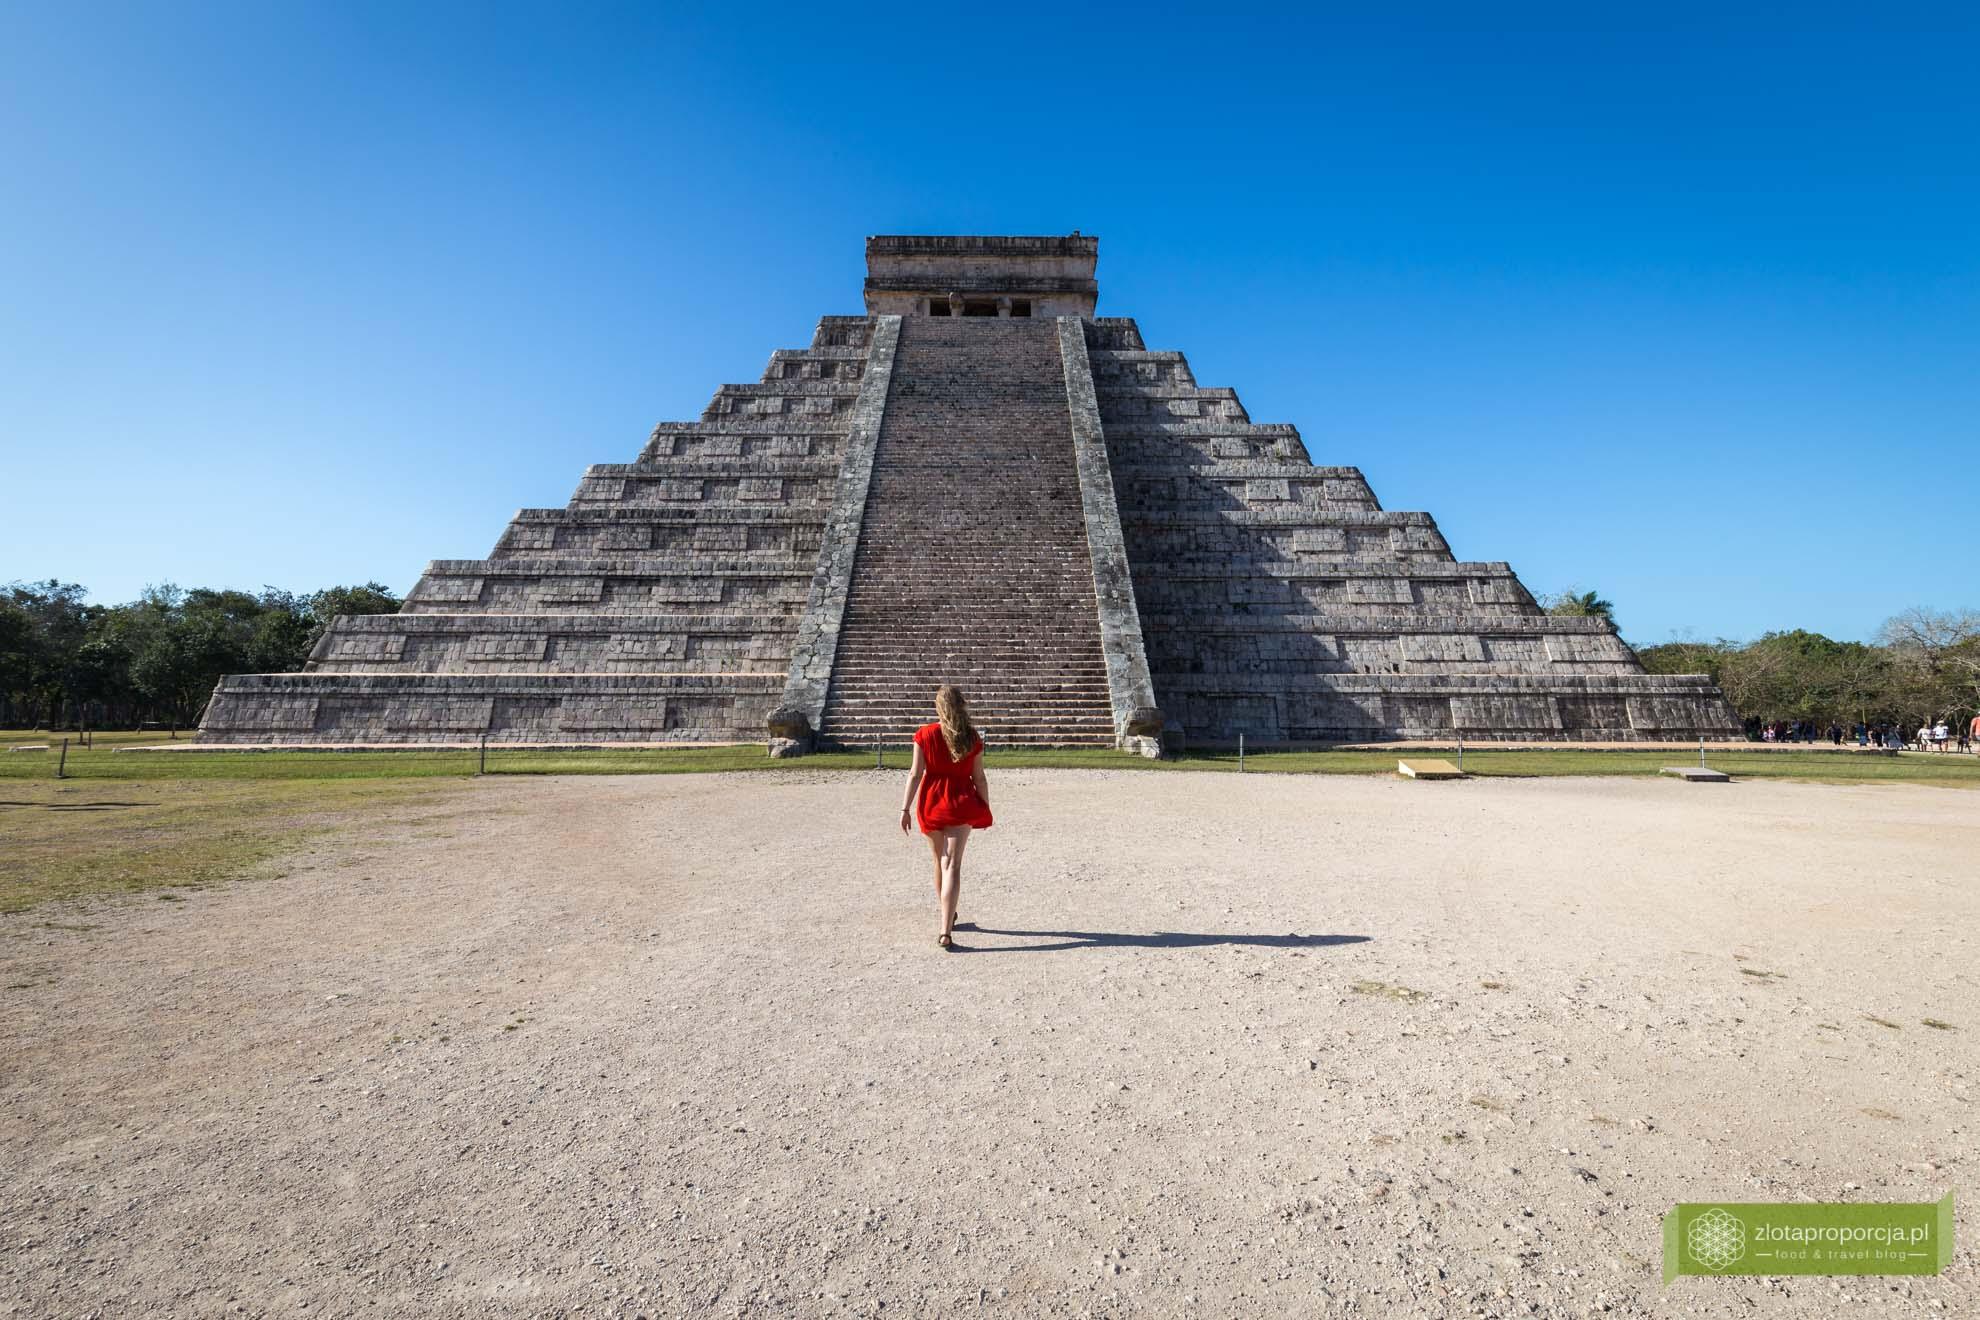 Meksyk, Miasta Majów, strefy archeologiczne na Jukatanie; Majowie budowle, Miasta Majów Meksyk, Majowie osiągnięcia; chichen itza miasto majów, Piramida Kukulkana, Chichen Itza, Miasta Majów Jukatan; Piramida Kukulkana;